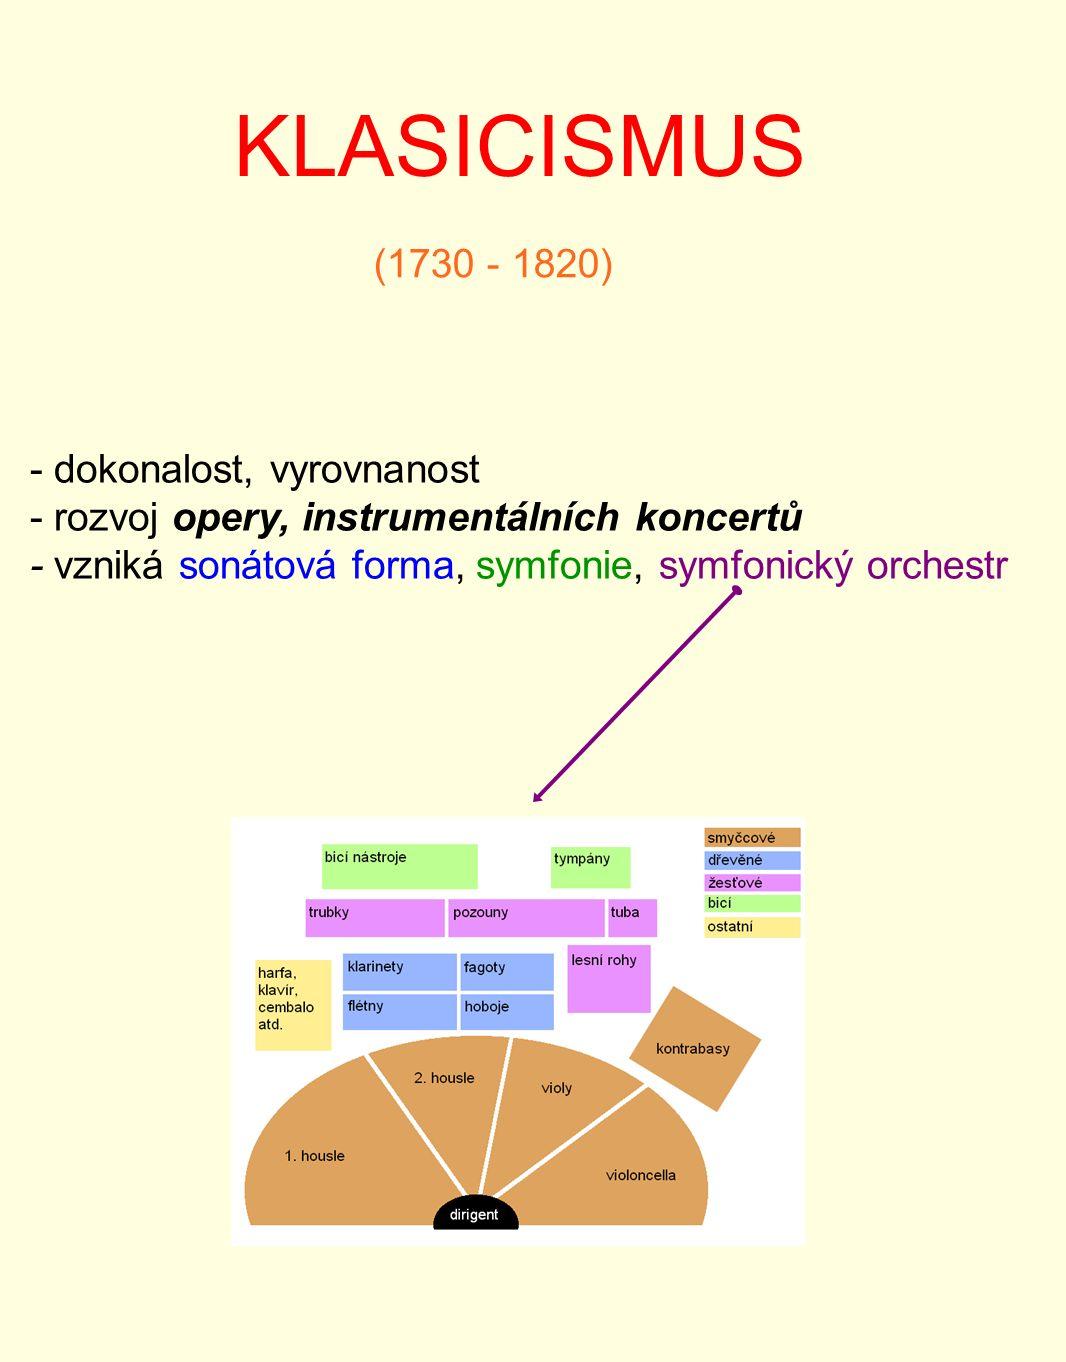 KLASICISMUS (1730 - 1820) - dokonalost, vyrovnanost - rozvoj opery, instrumentálních koncertů - vzniká sonátová forma, symfonie, symfonický orchestr